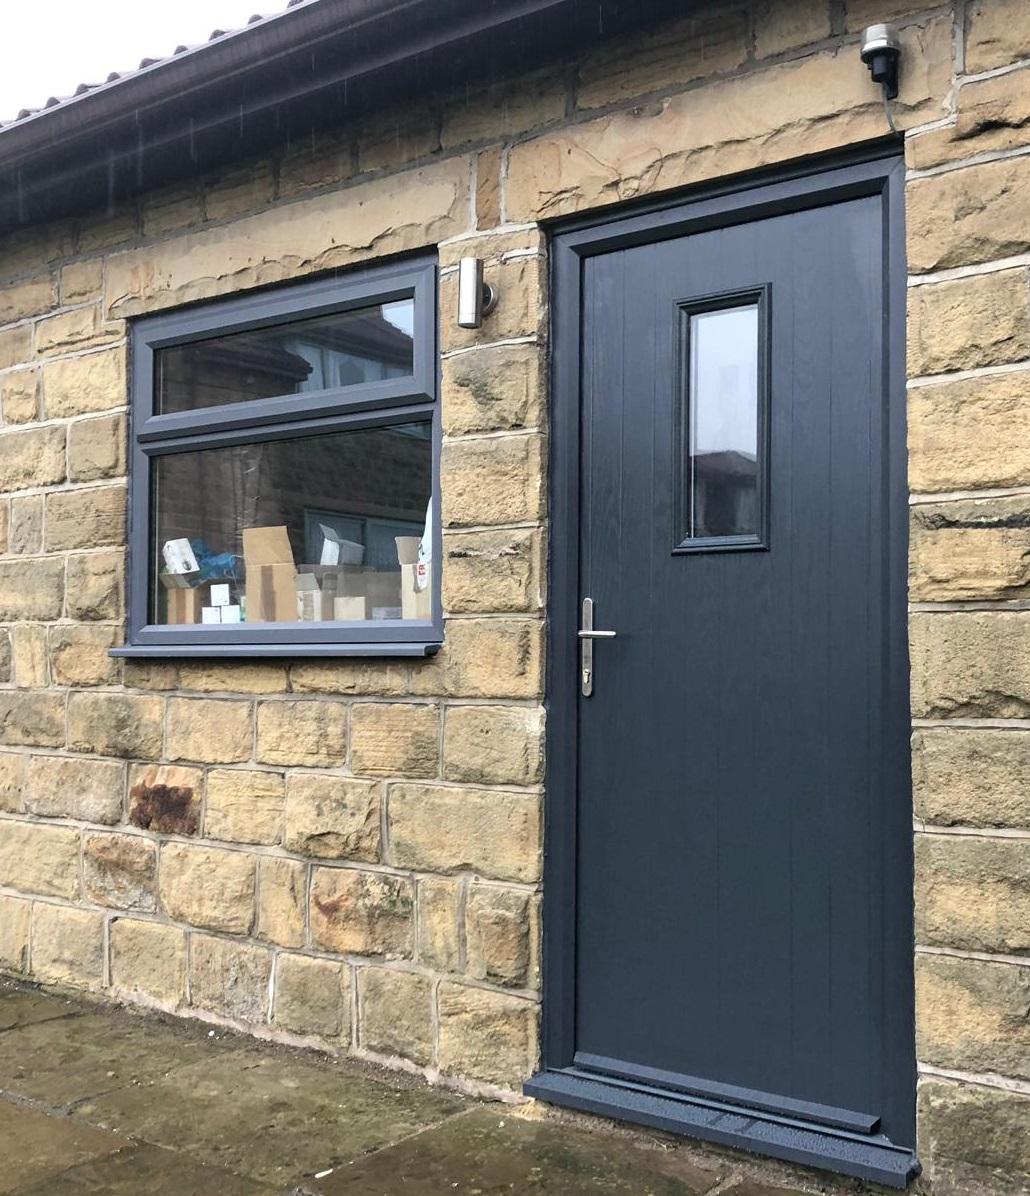 New door from Global Windows installed